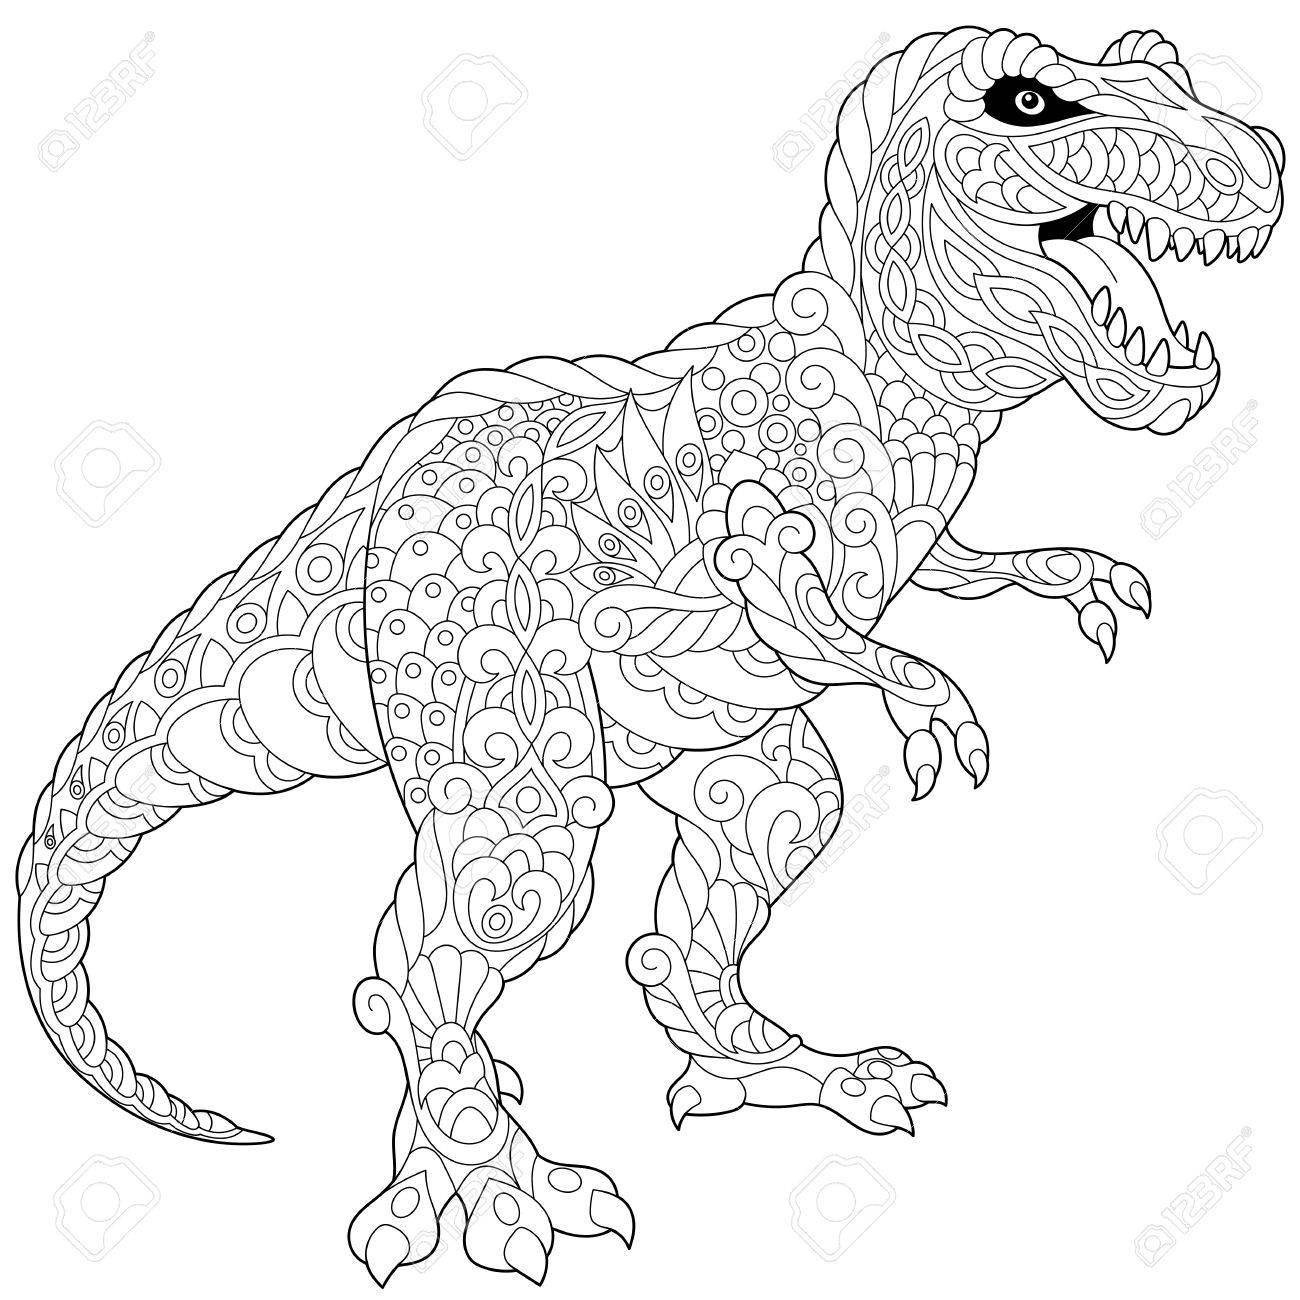 Dinosaurio Estilizado Del Tyrannosaurus (t Rex) Del último Período ...